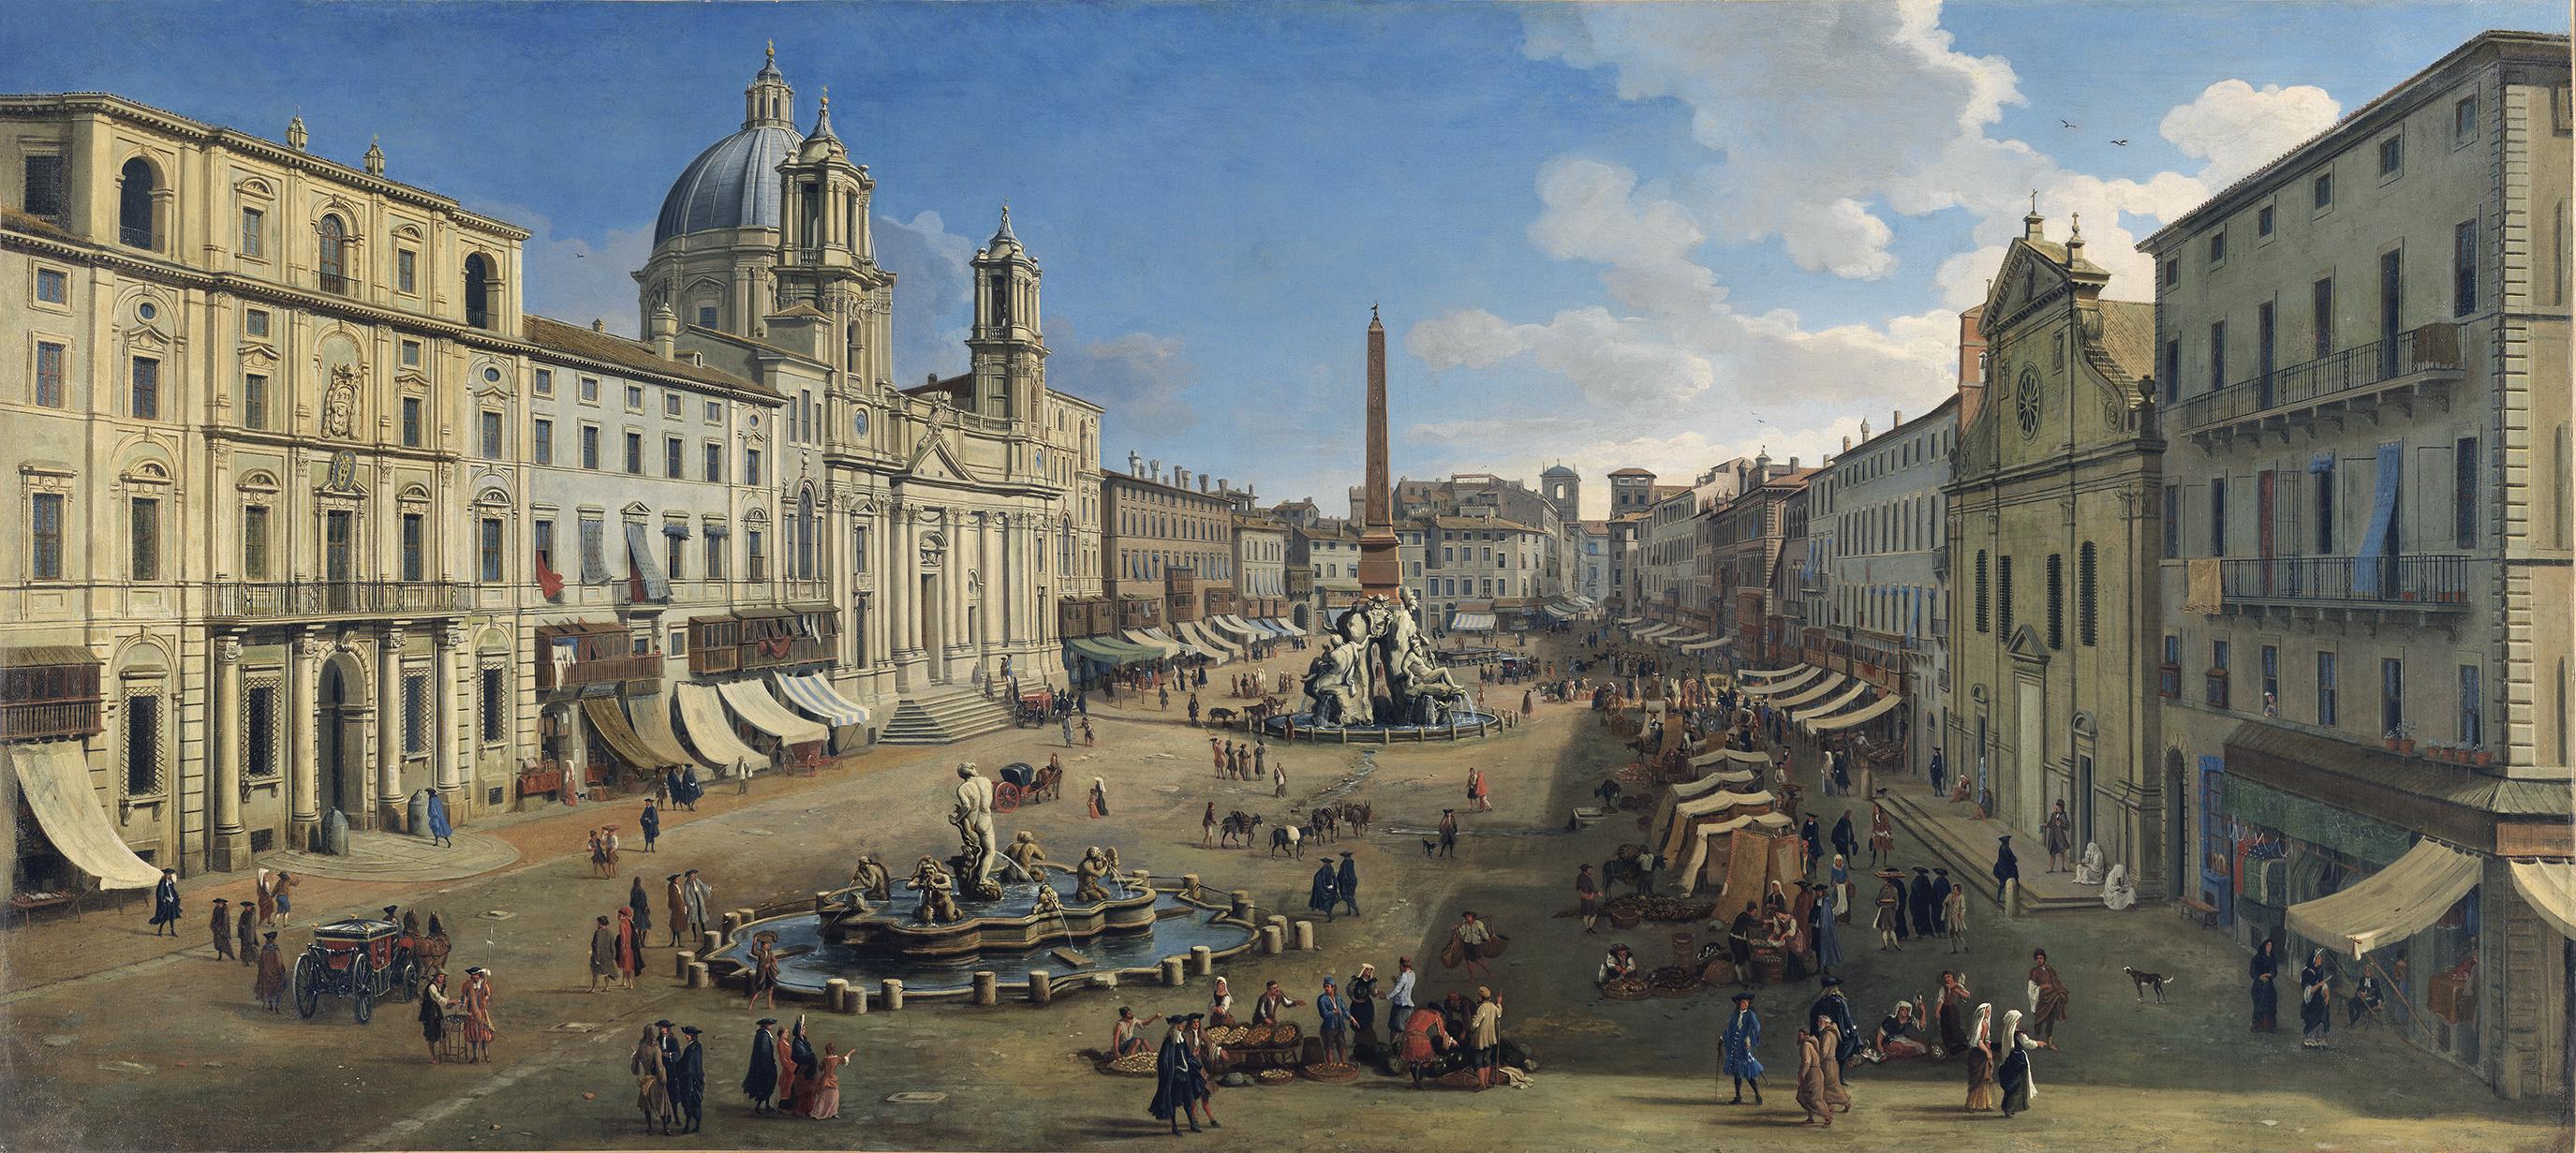 Caspar van Wittel, 'Piazza Navona, Rome